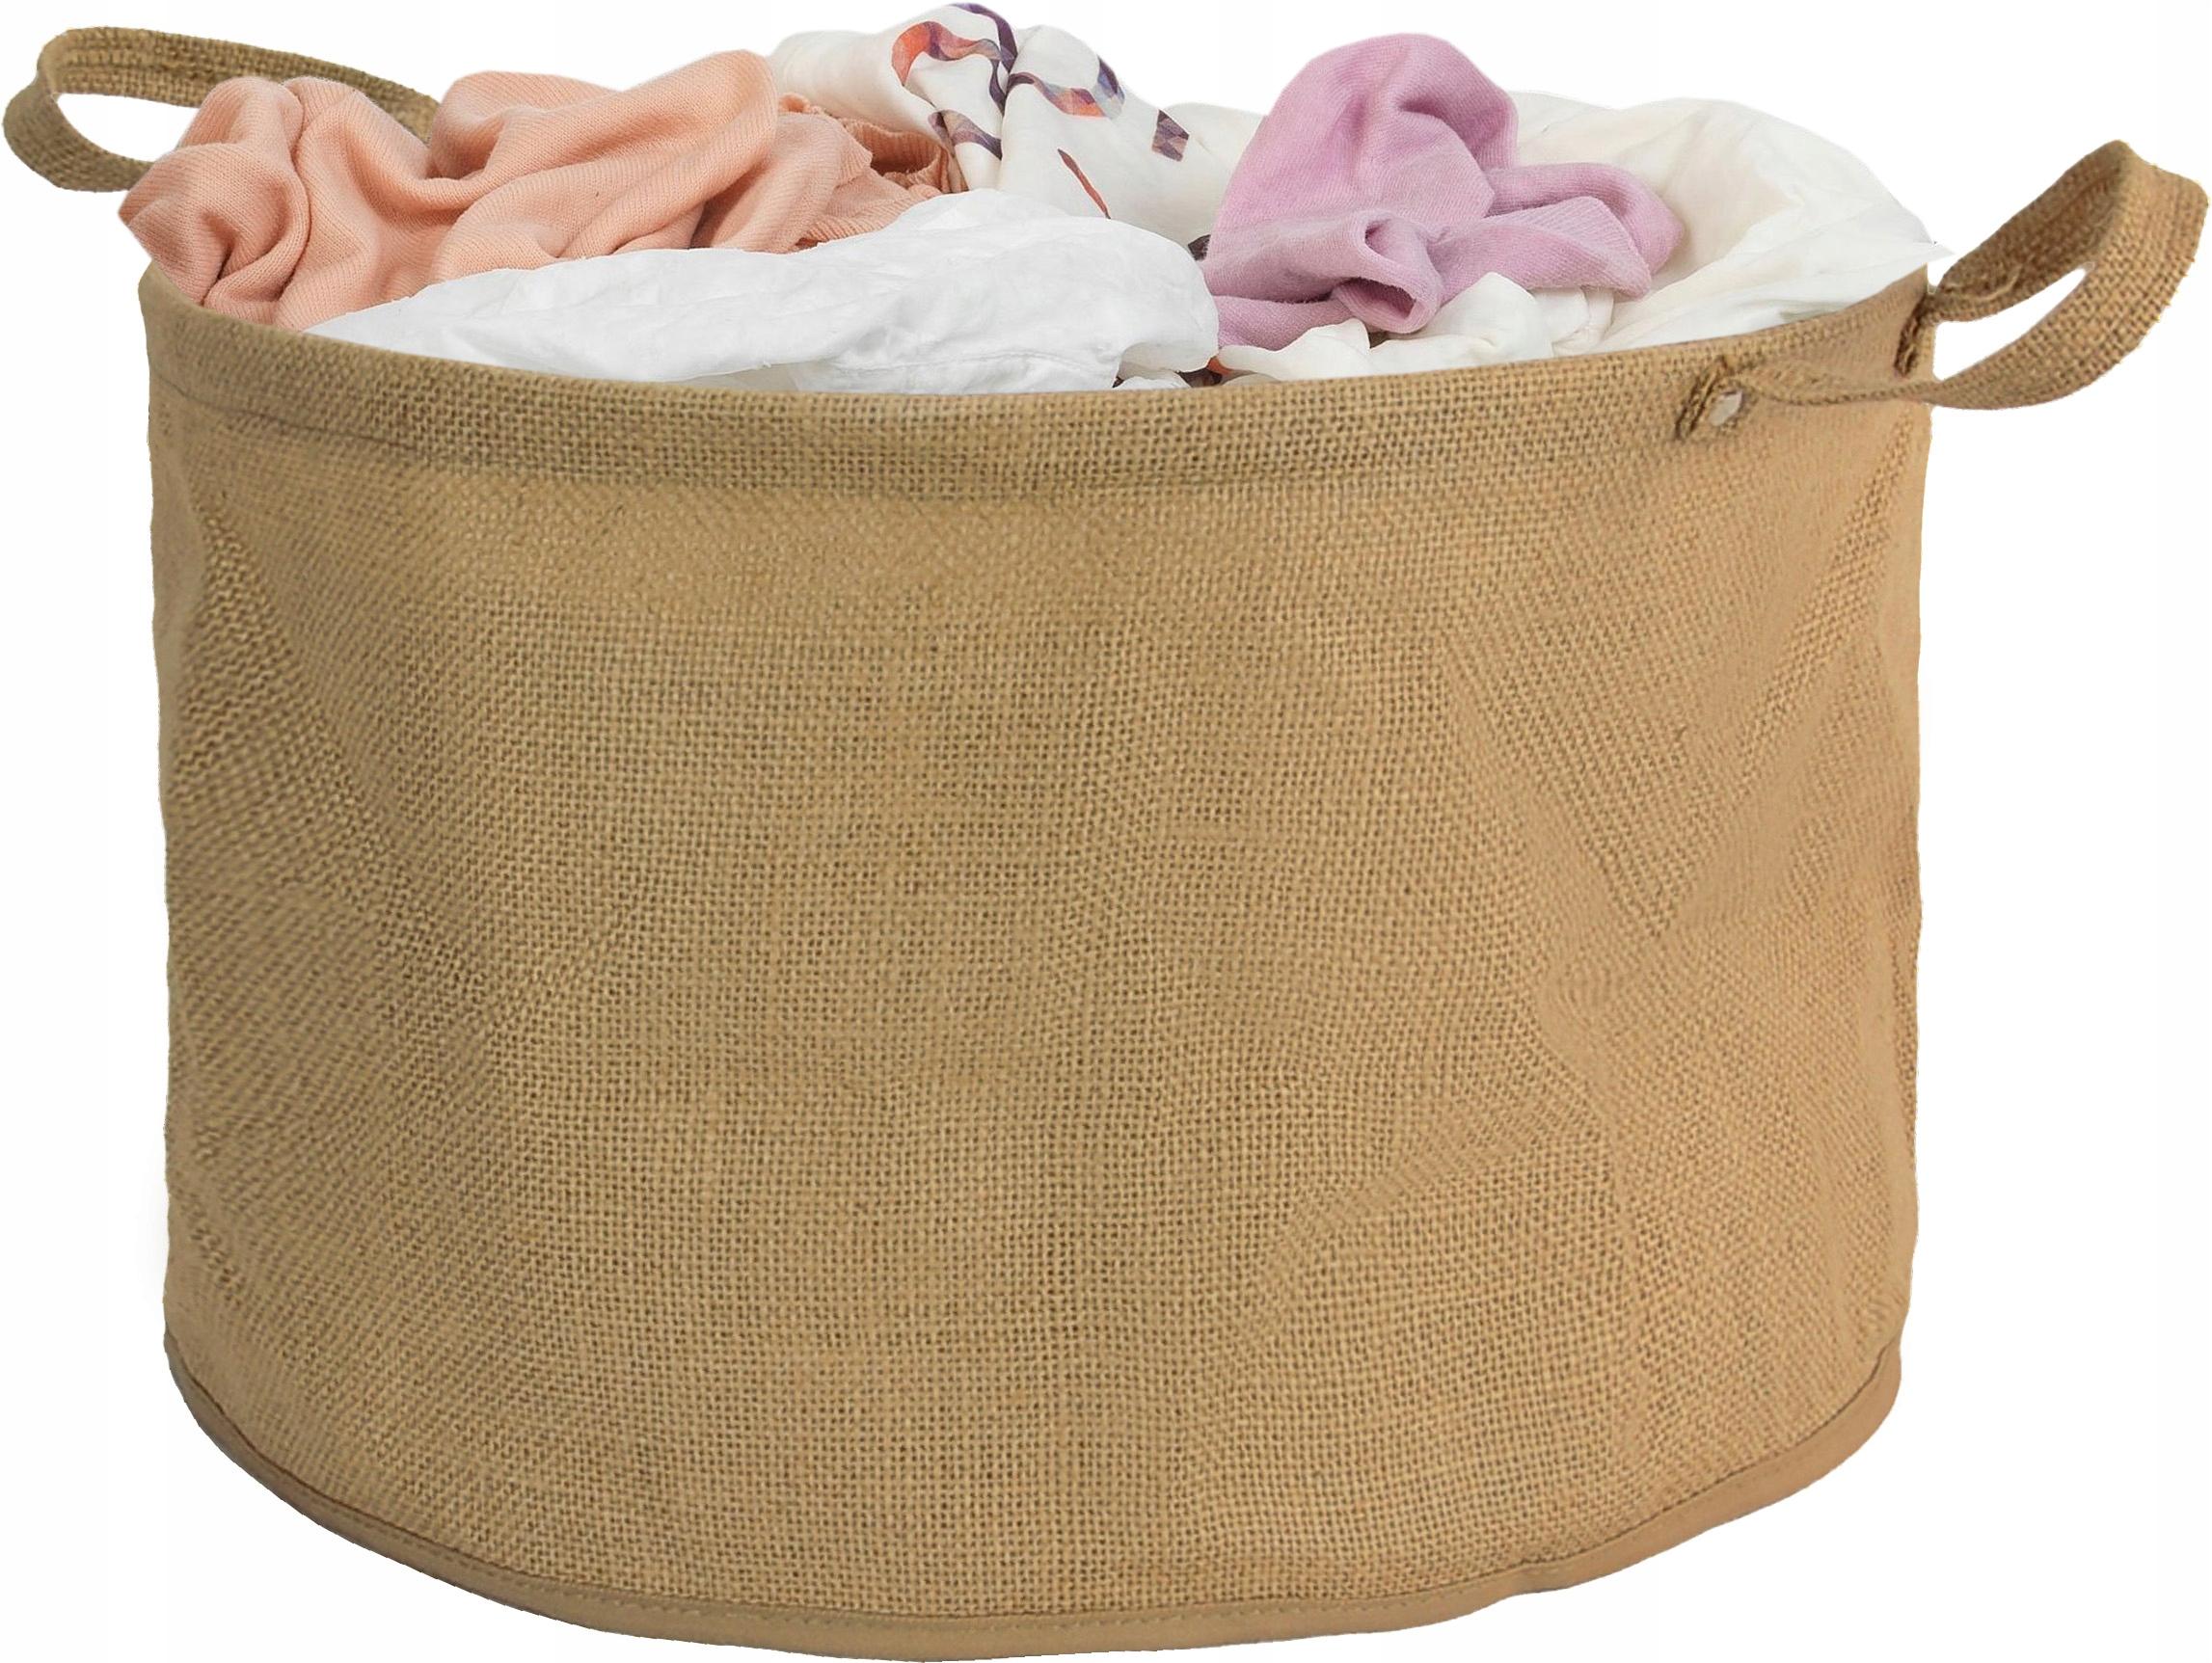 Ľanový košík Kôš Pracie prádlo Spodné prádlo